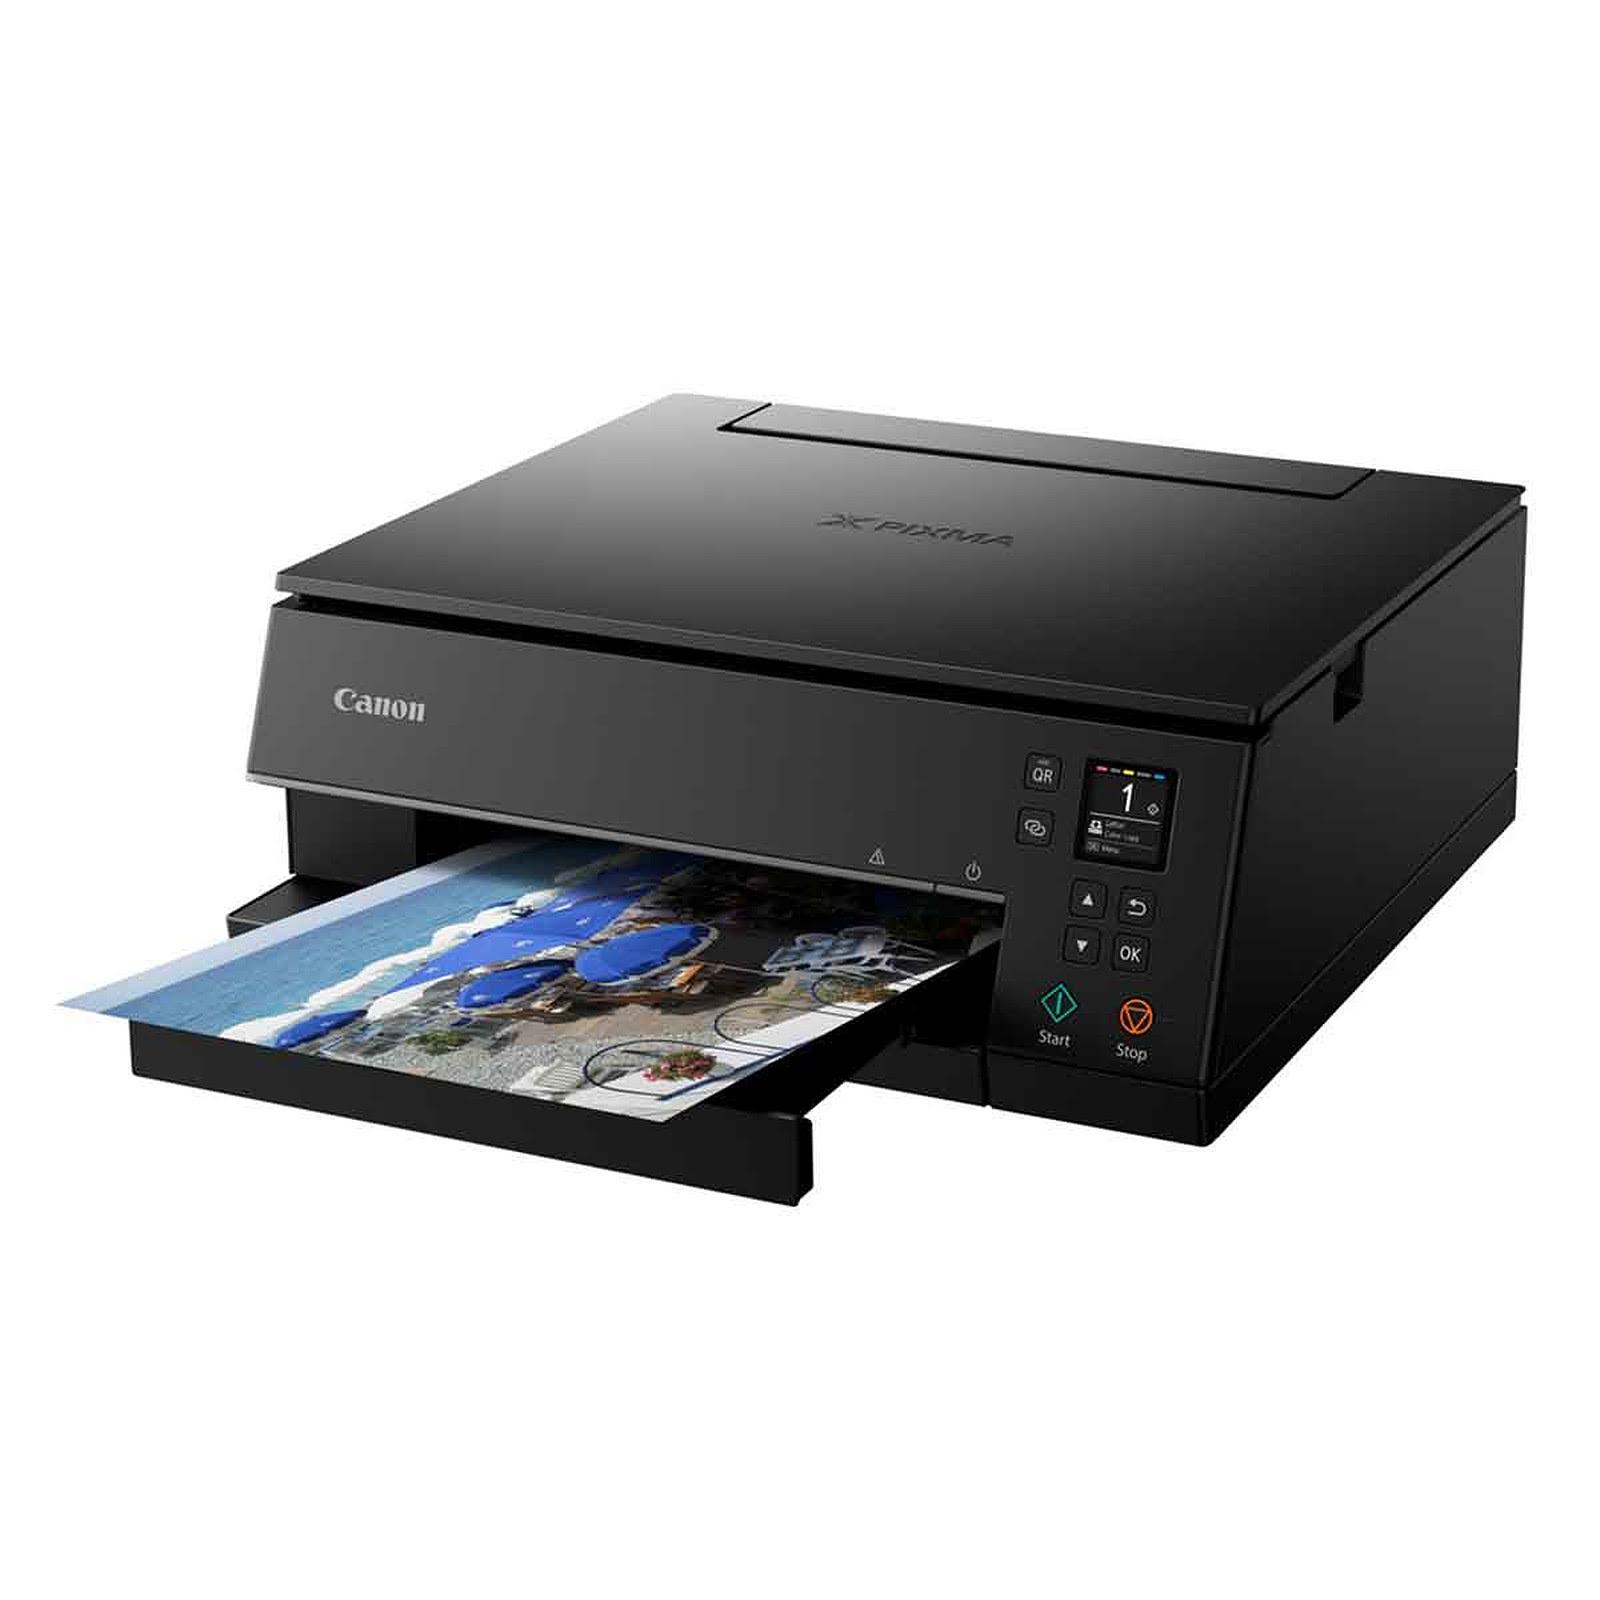 Imprimante multifonction Canon PIXMA TS6350 - Cybertek.fr - 2